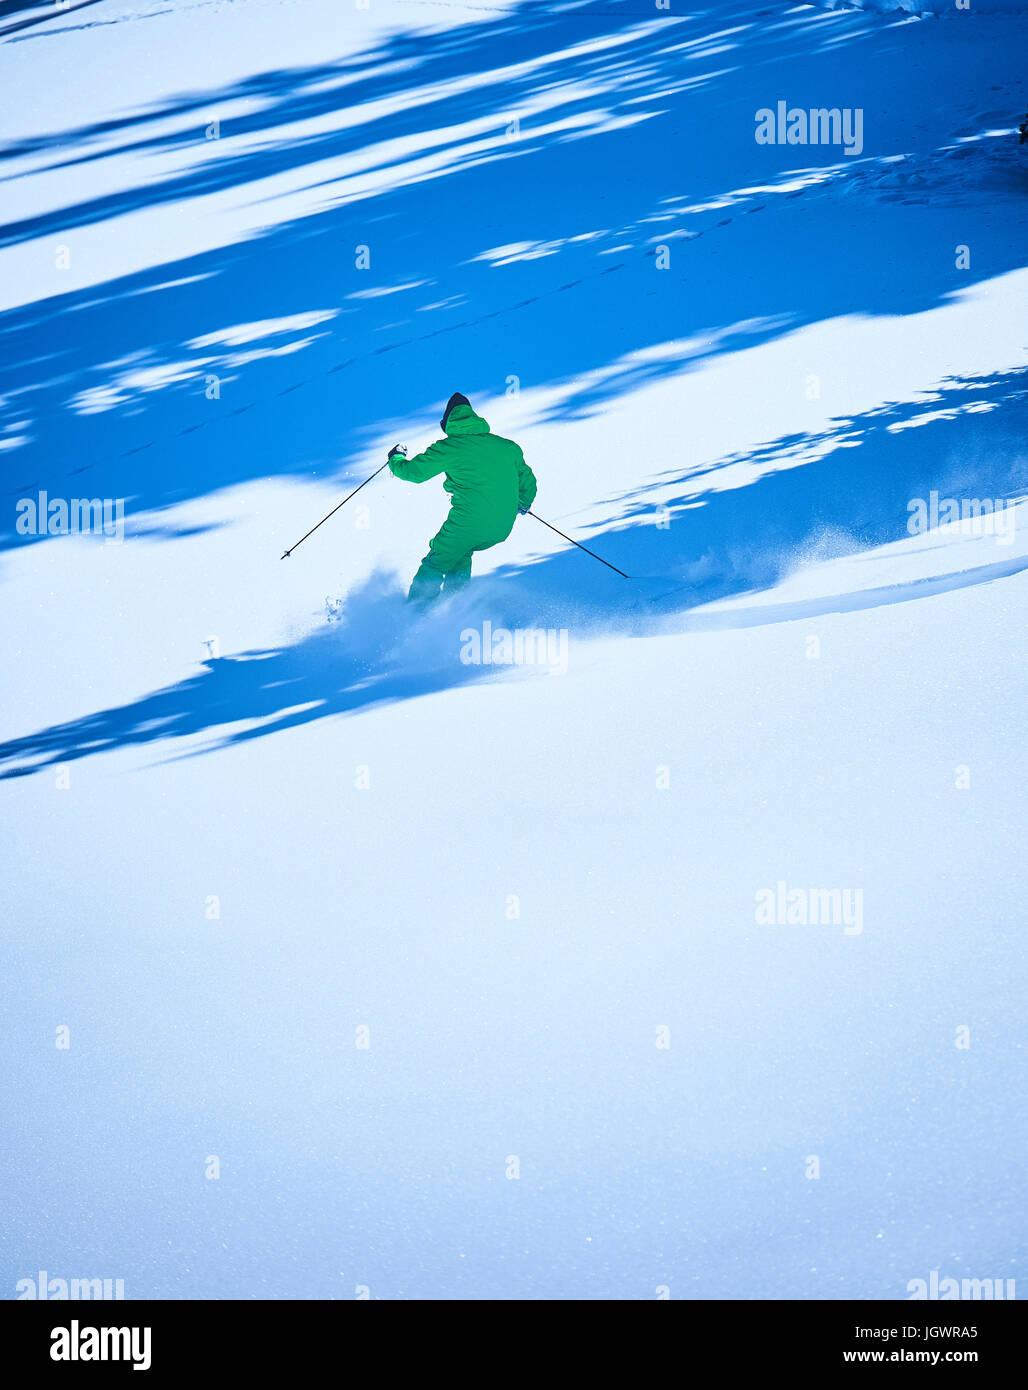 Man skiing in deep snow, Aspen, Colorado, USA - Stock Image